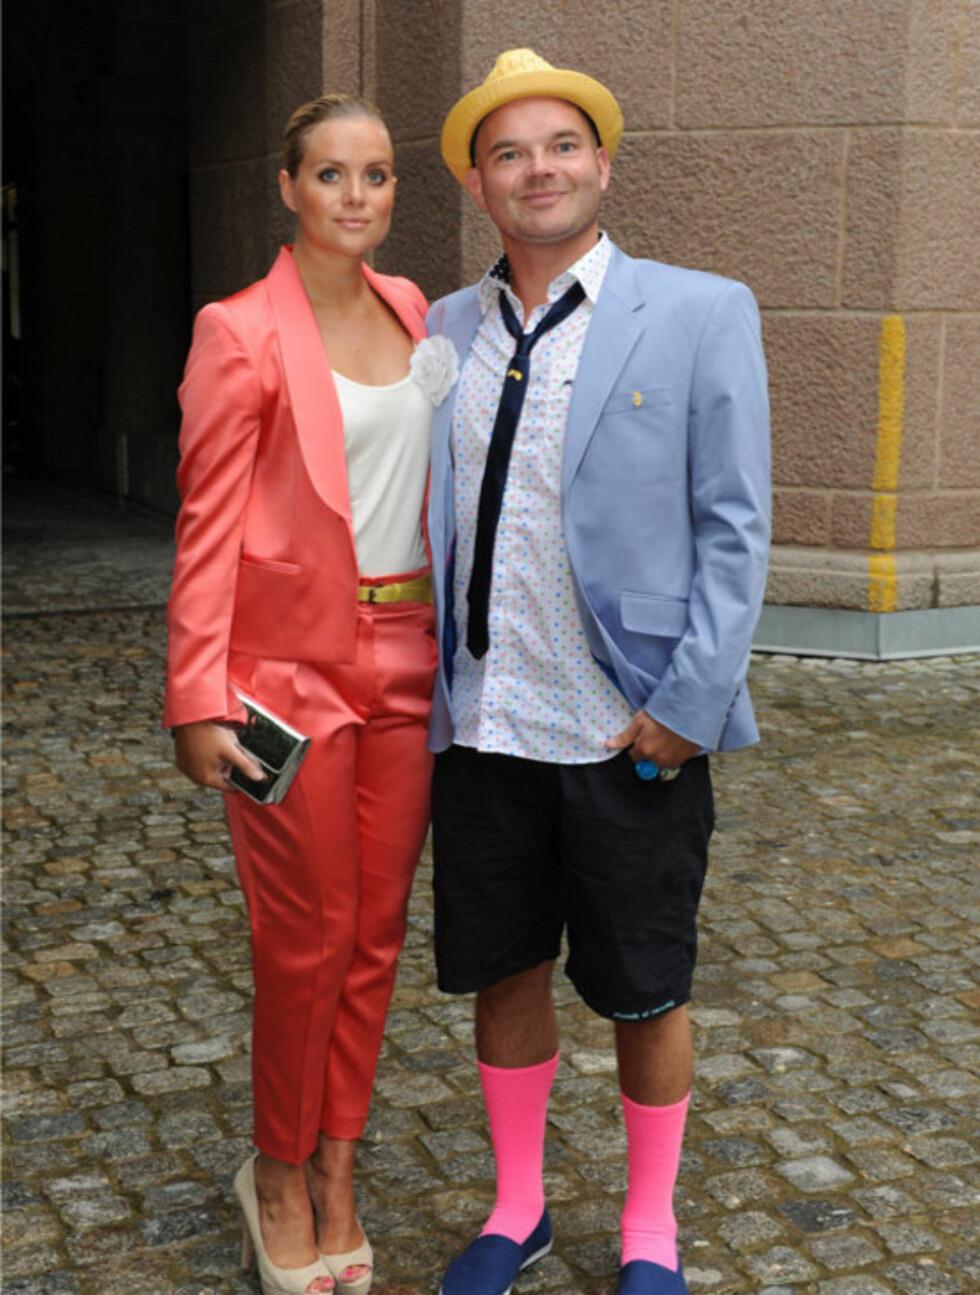 FESTLIG: Moods Of Norway-gründer Simen Staalnacke og hans Anne Berit Valla ankom åpningen i fargerike plagg fra Moods.  Foto: Stella Pictures